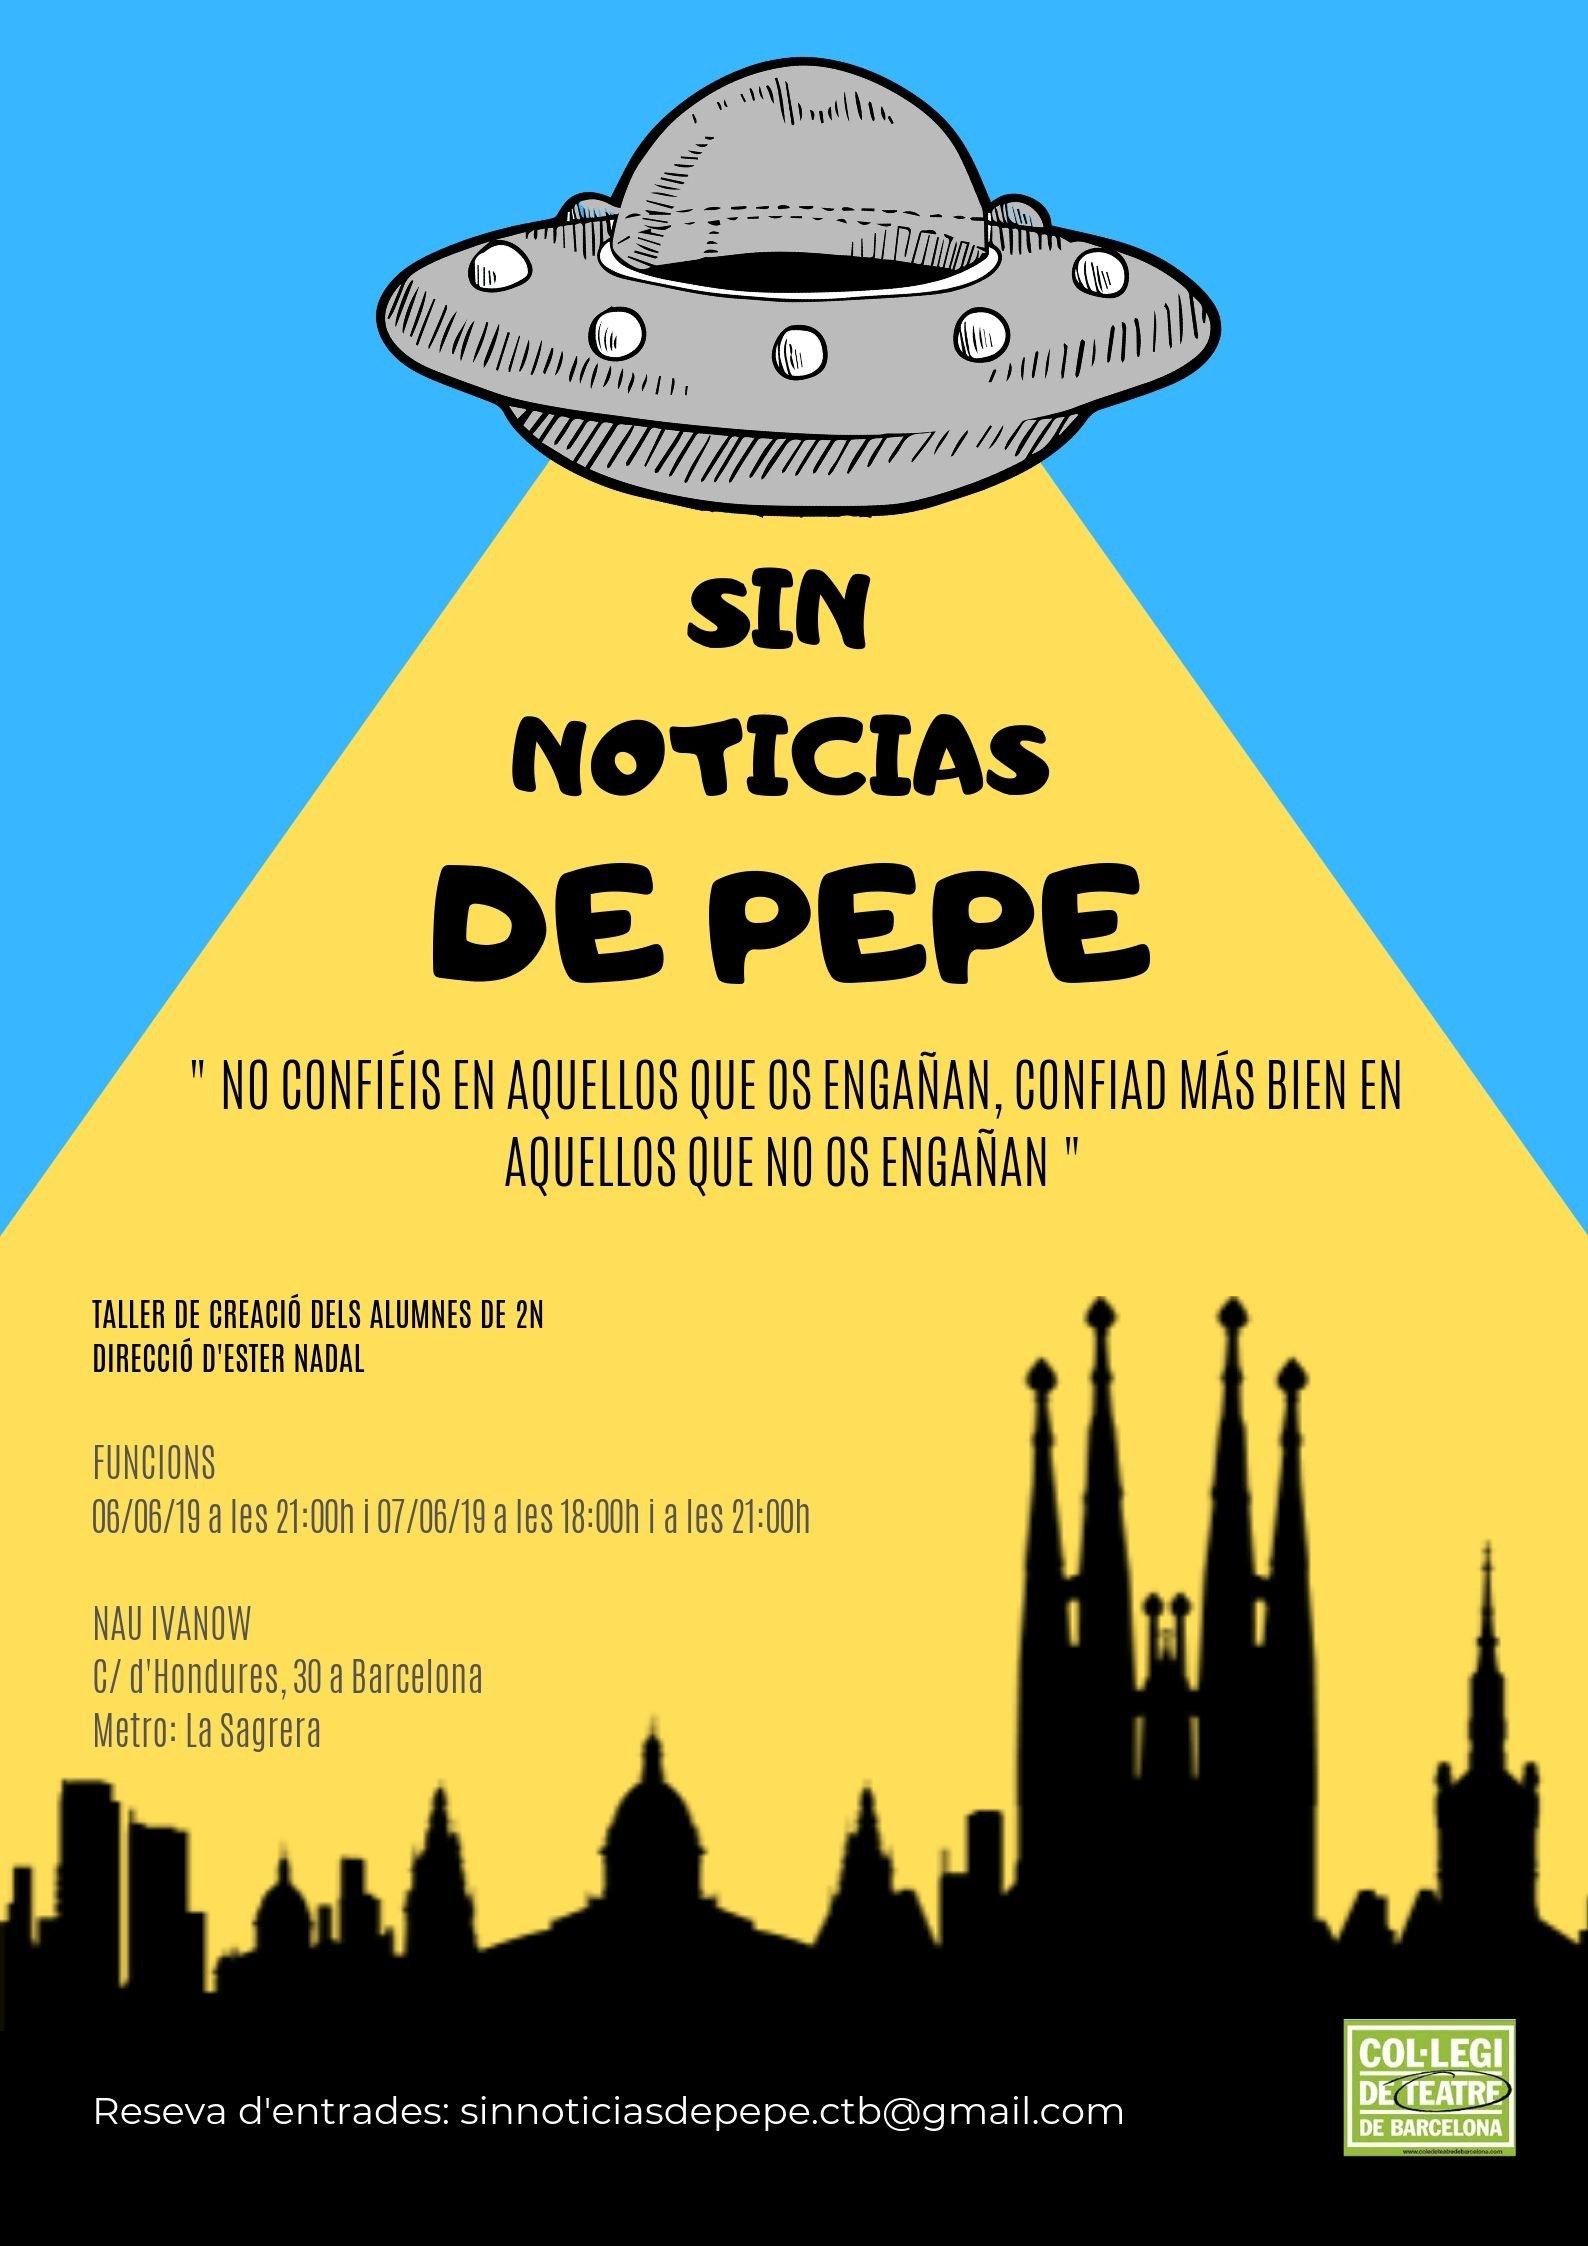 Poster - Sin noticias de pepe - Alberto Amayuelas